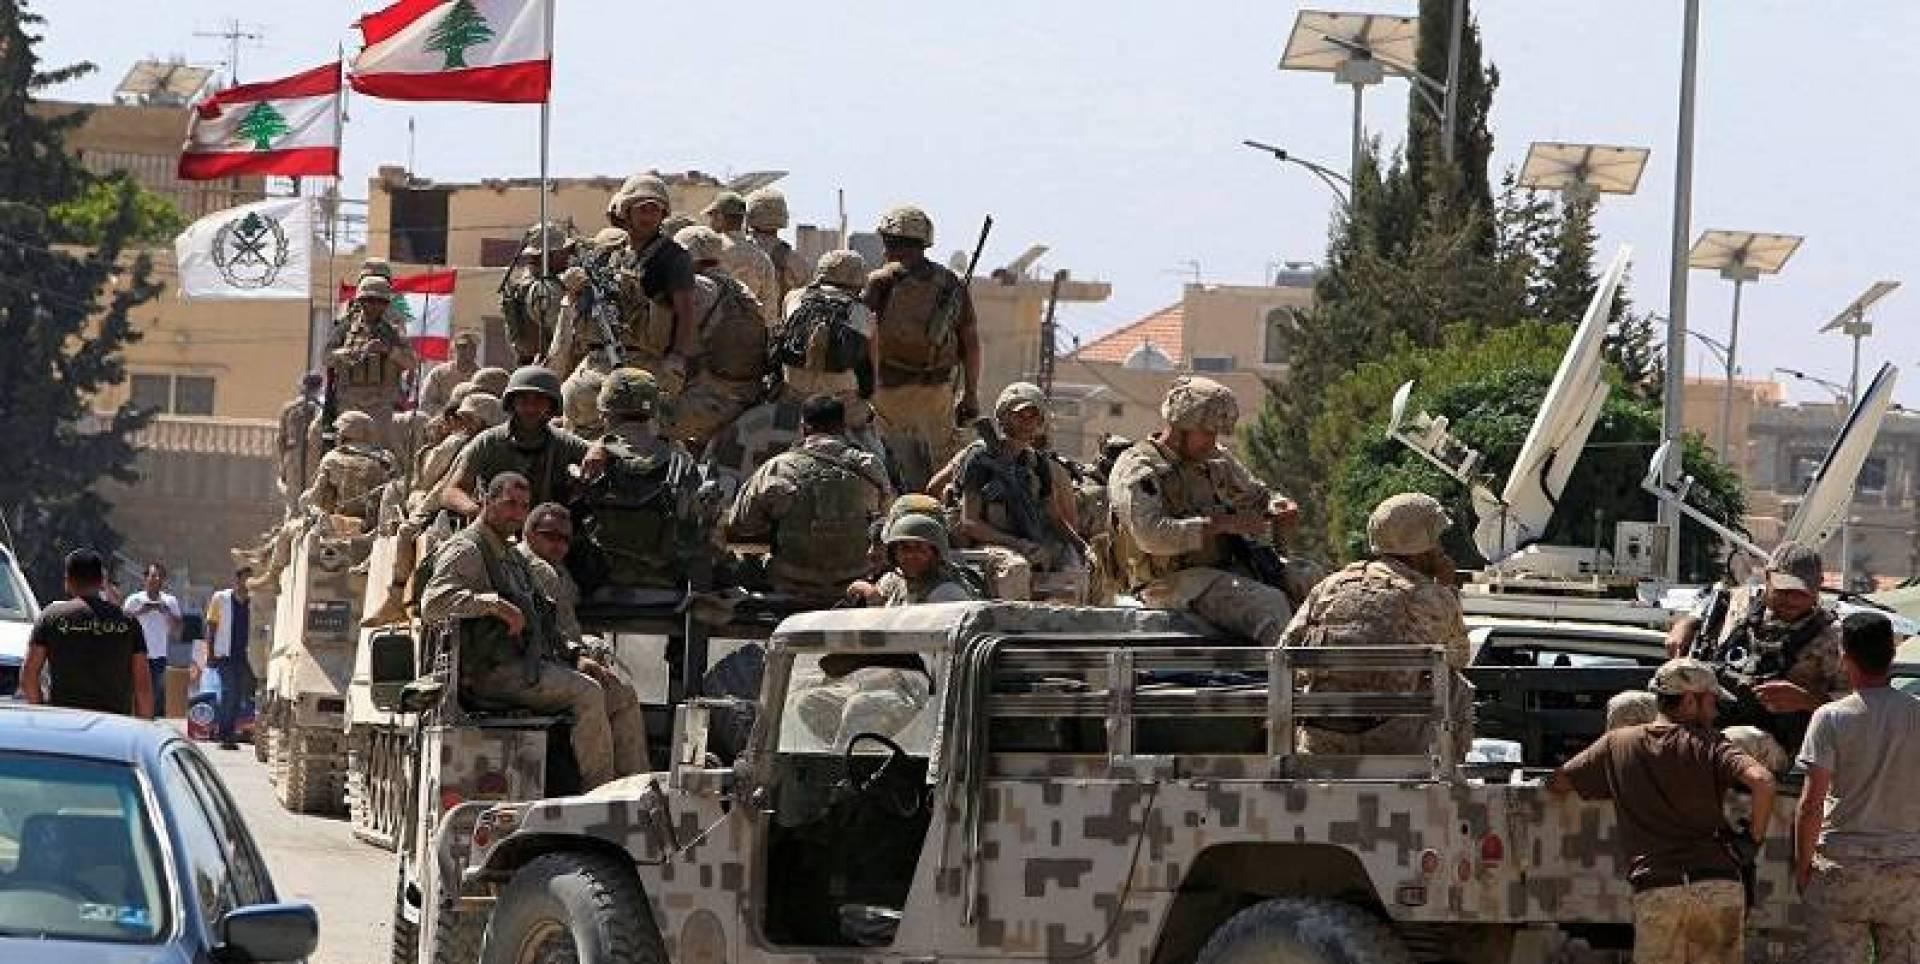 الولايات المتحدة تفرج عن 105 مليون دولار كمساعدات للقوات المسلحة اللبنانية